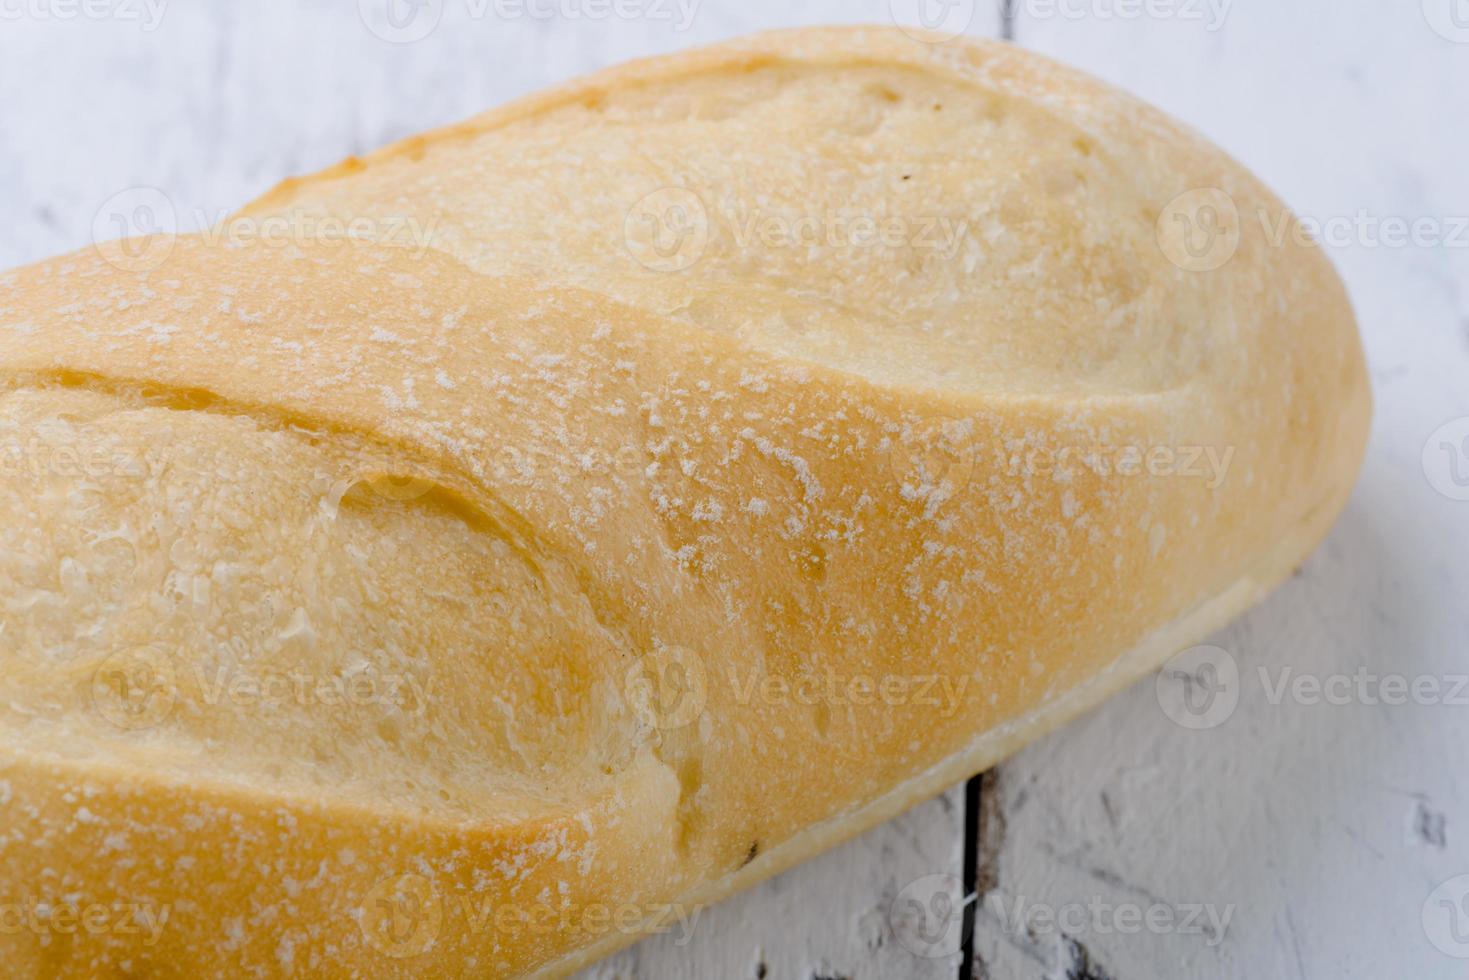 färskt bröd stängt. foto